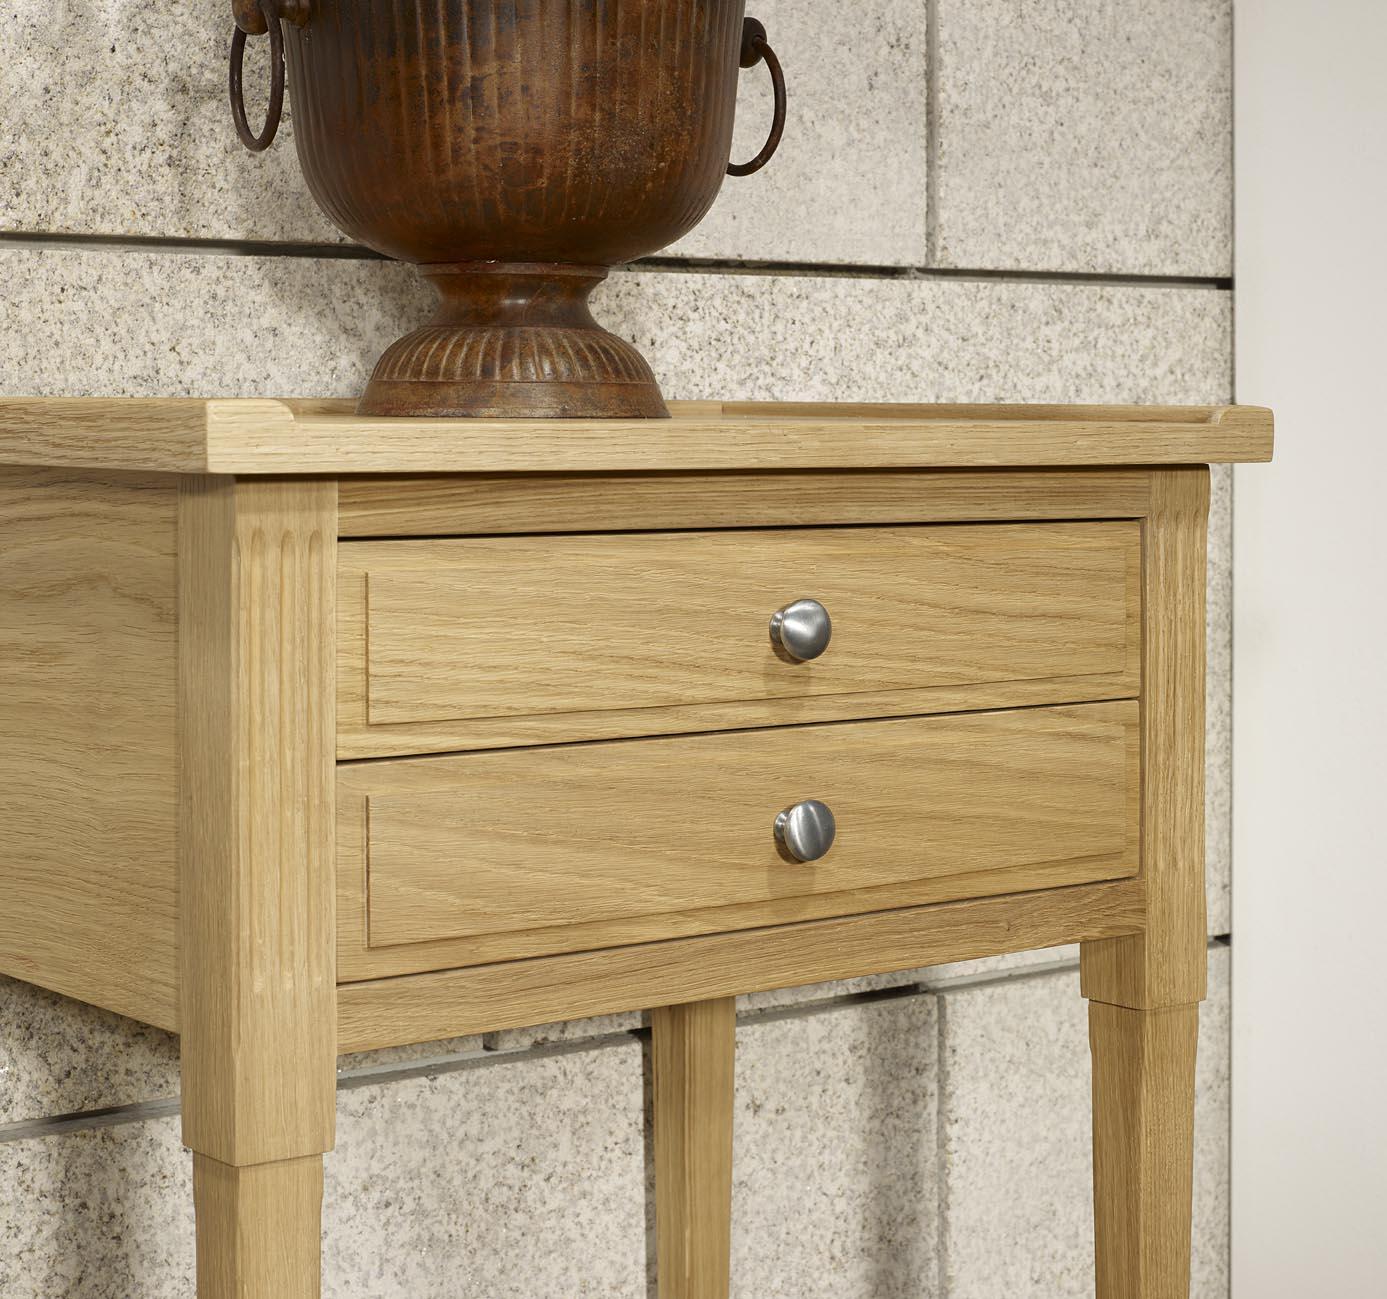 meuble d 39 appoint st phane ou meuble t l phone en ch ne massif de style directoire meuble en ch ne. Black Bedroom Furniture Sets. Home Design Ideas